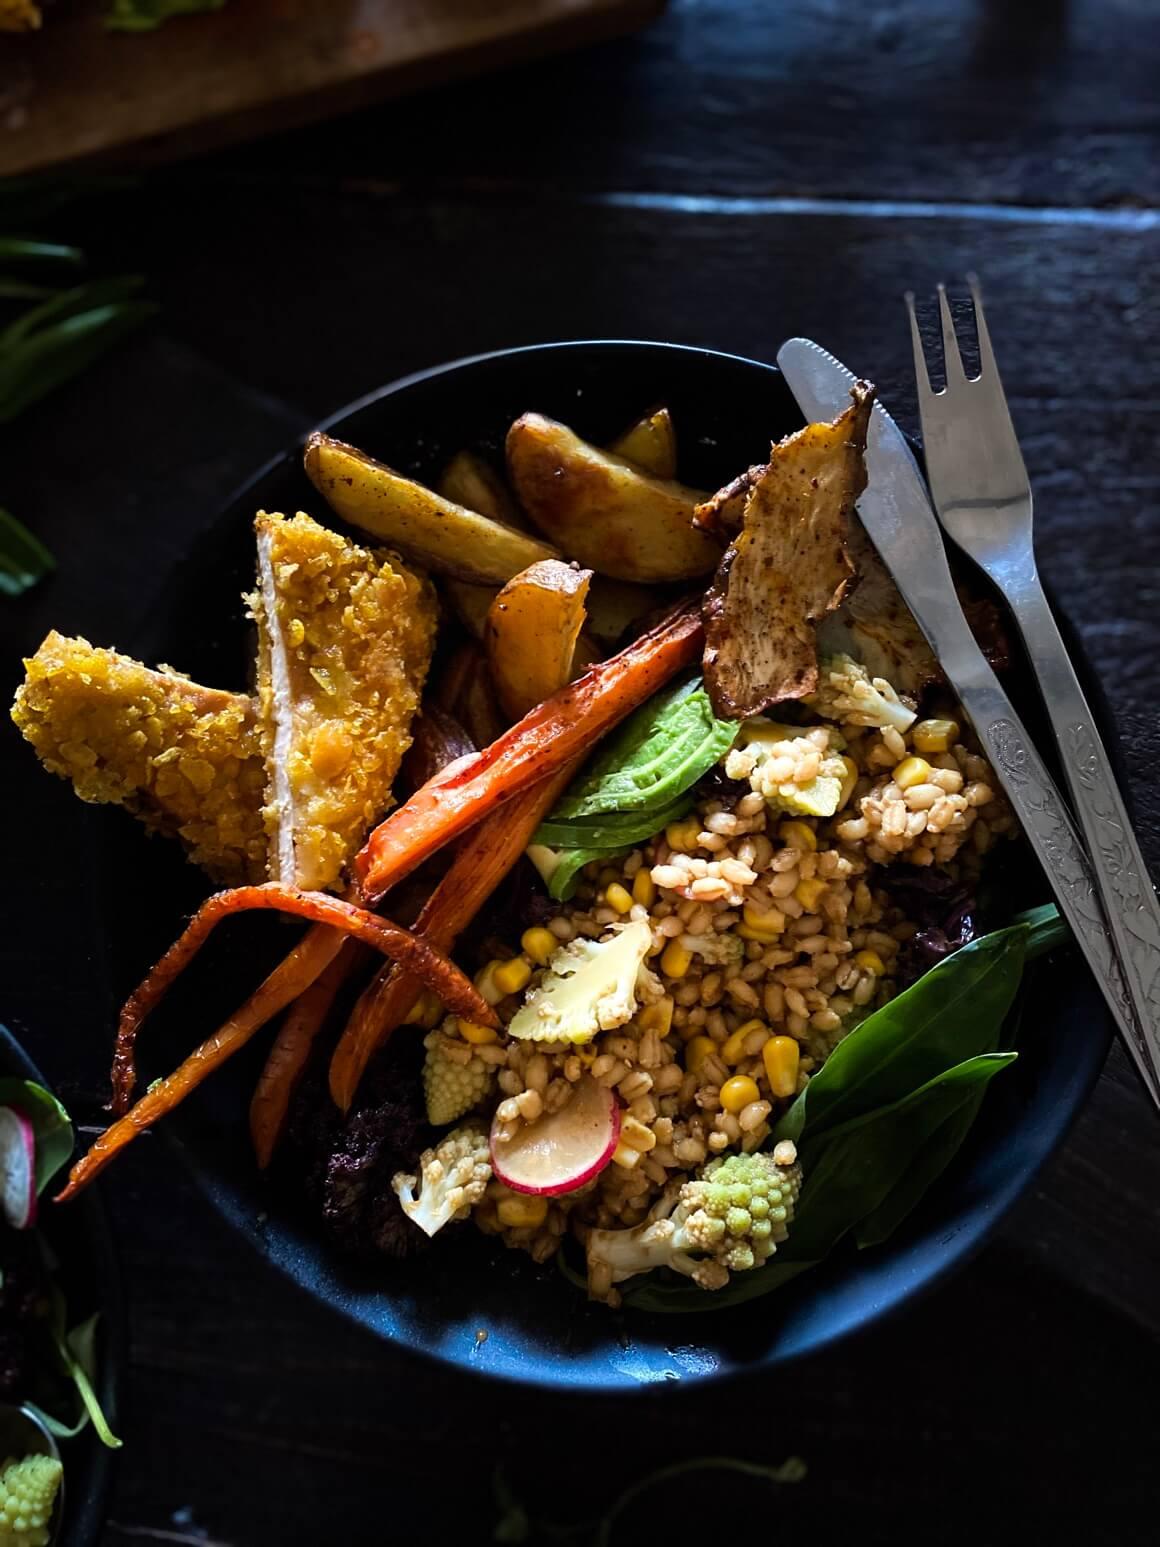 Salata od kukuruza i ječma kao prilog